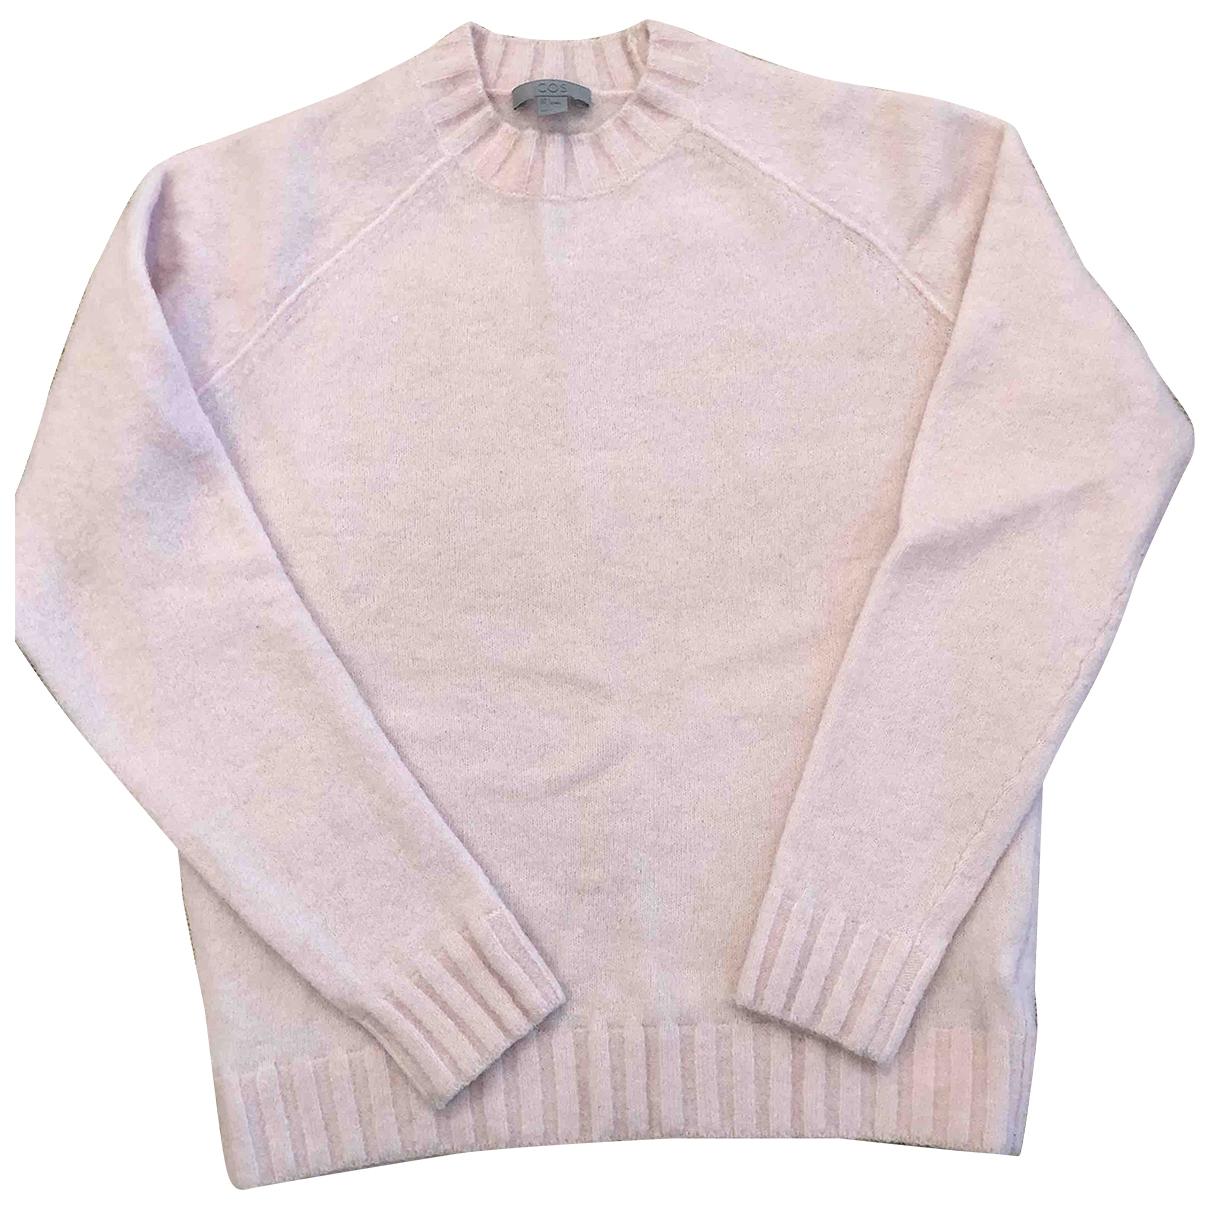 Cos \N Pink Wool Knitwear for Women S International